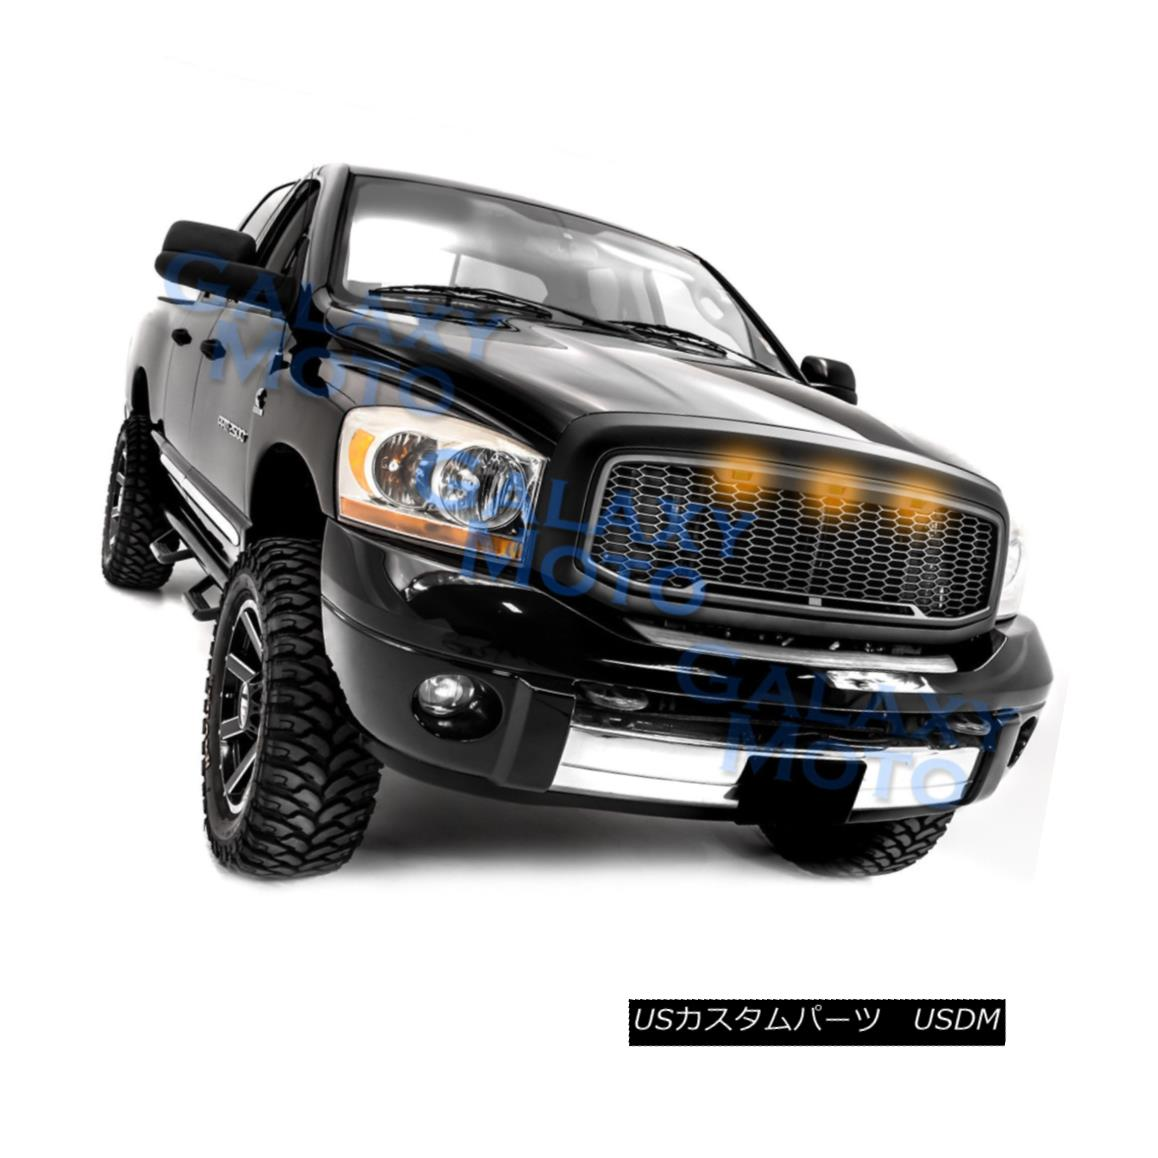 グリル 06-09 Dodge RAM Raptor Style Matte Black Replacement Mesh Grille+Shell+Amber LED 06-09ダッジRAMラプタースタイルマットブラック交換メッシュグリル+シェル+ mber LED